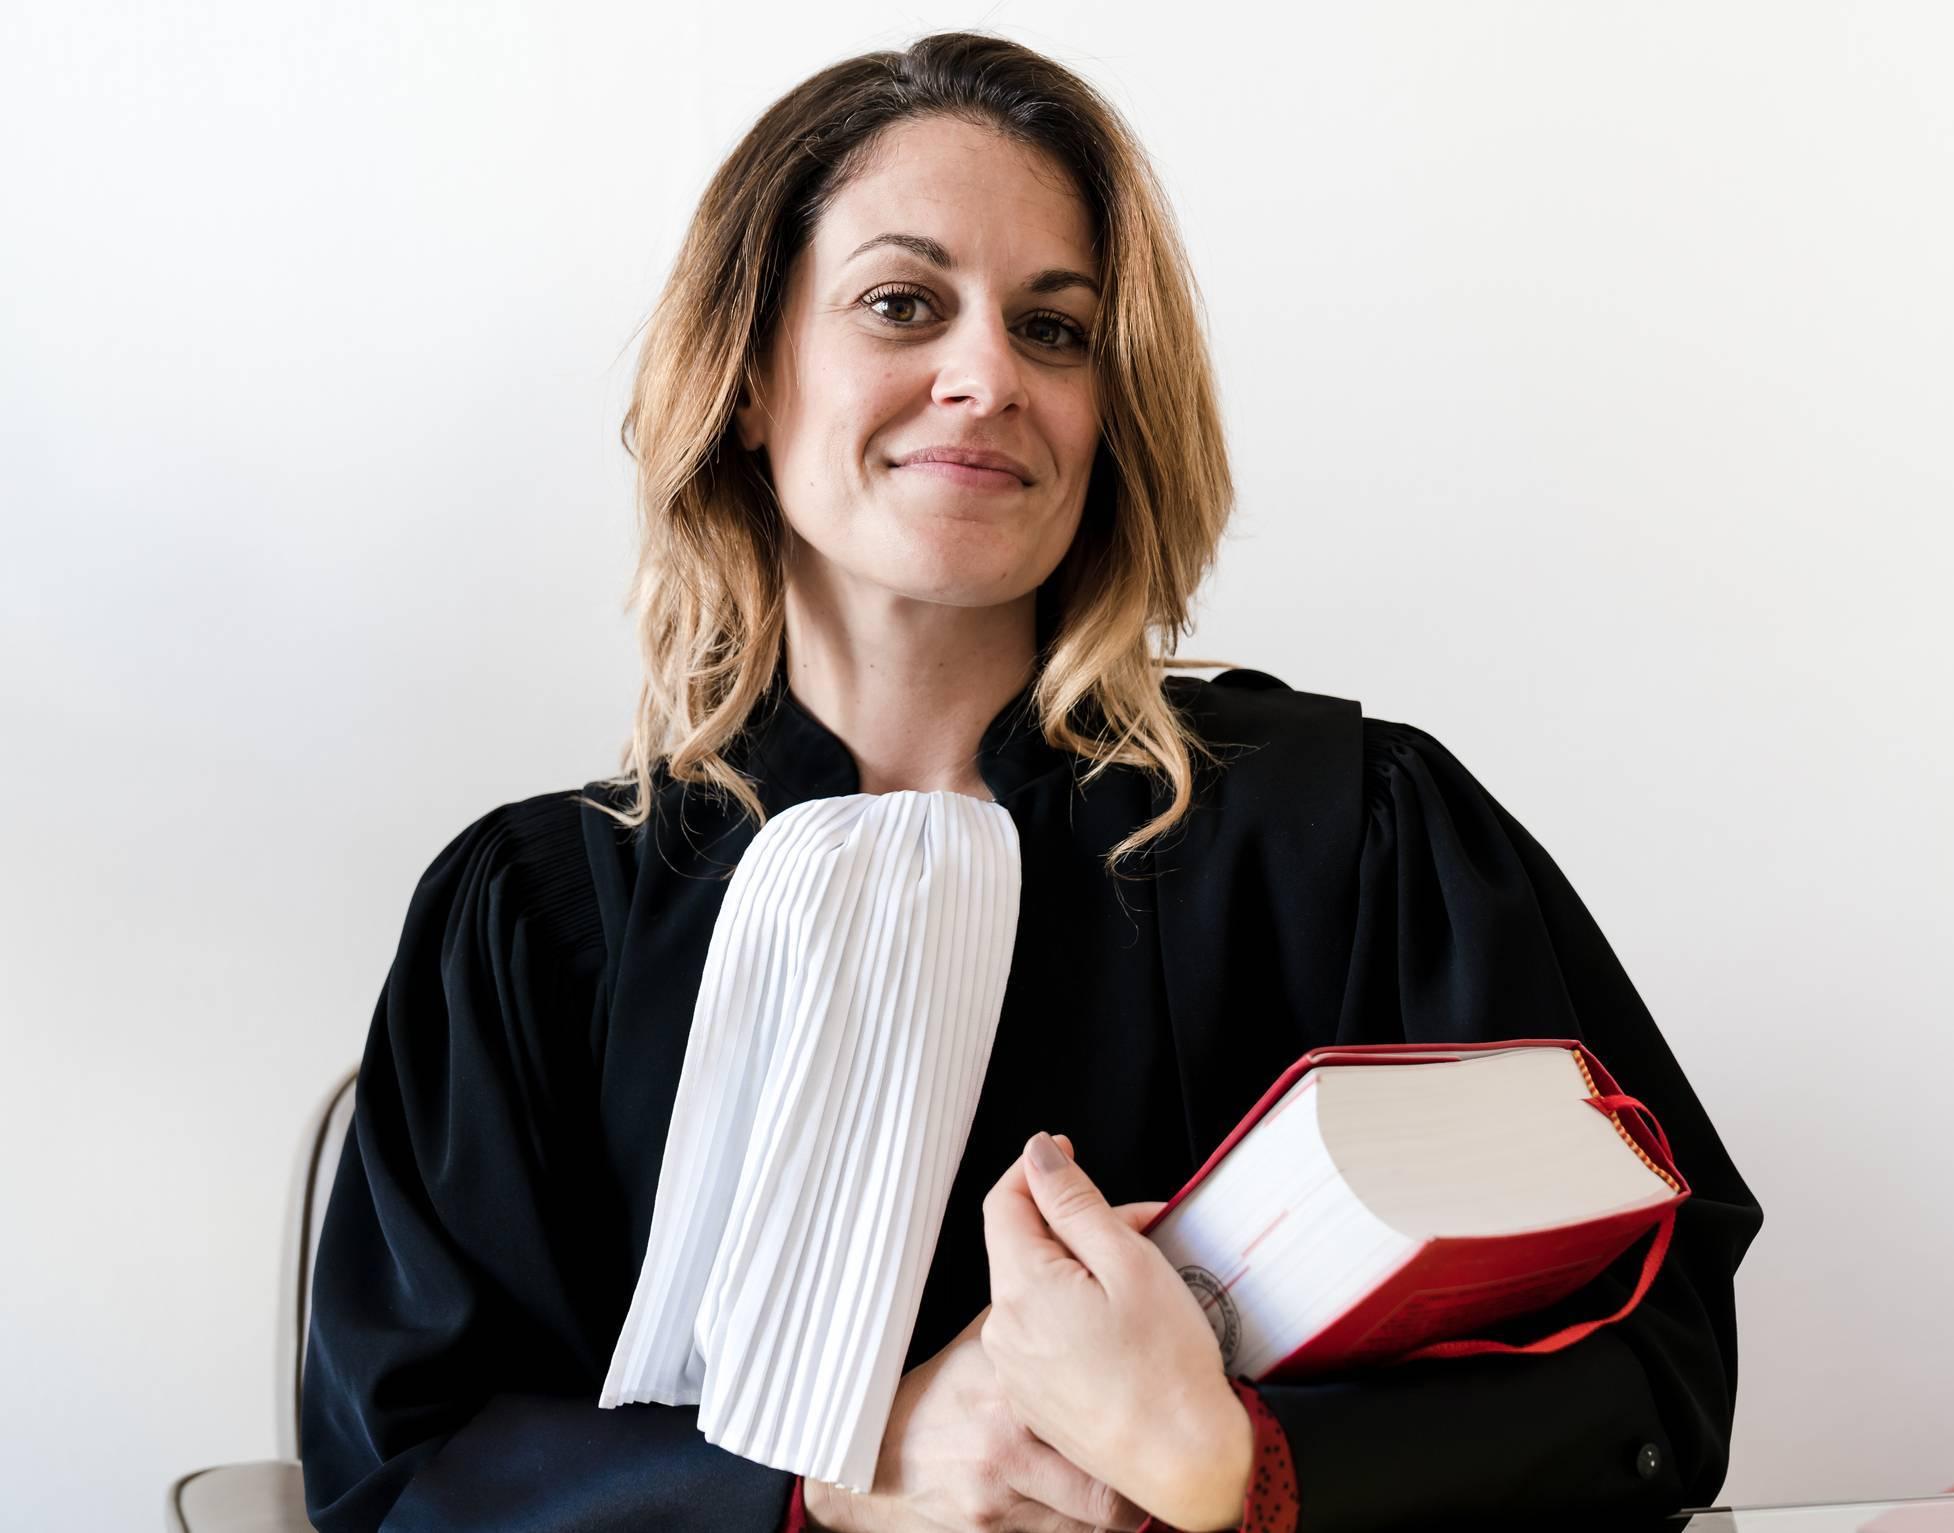 avocat juriste assermenté